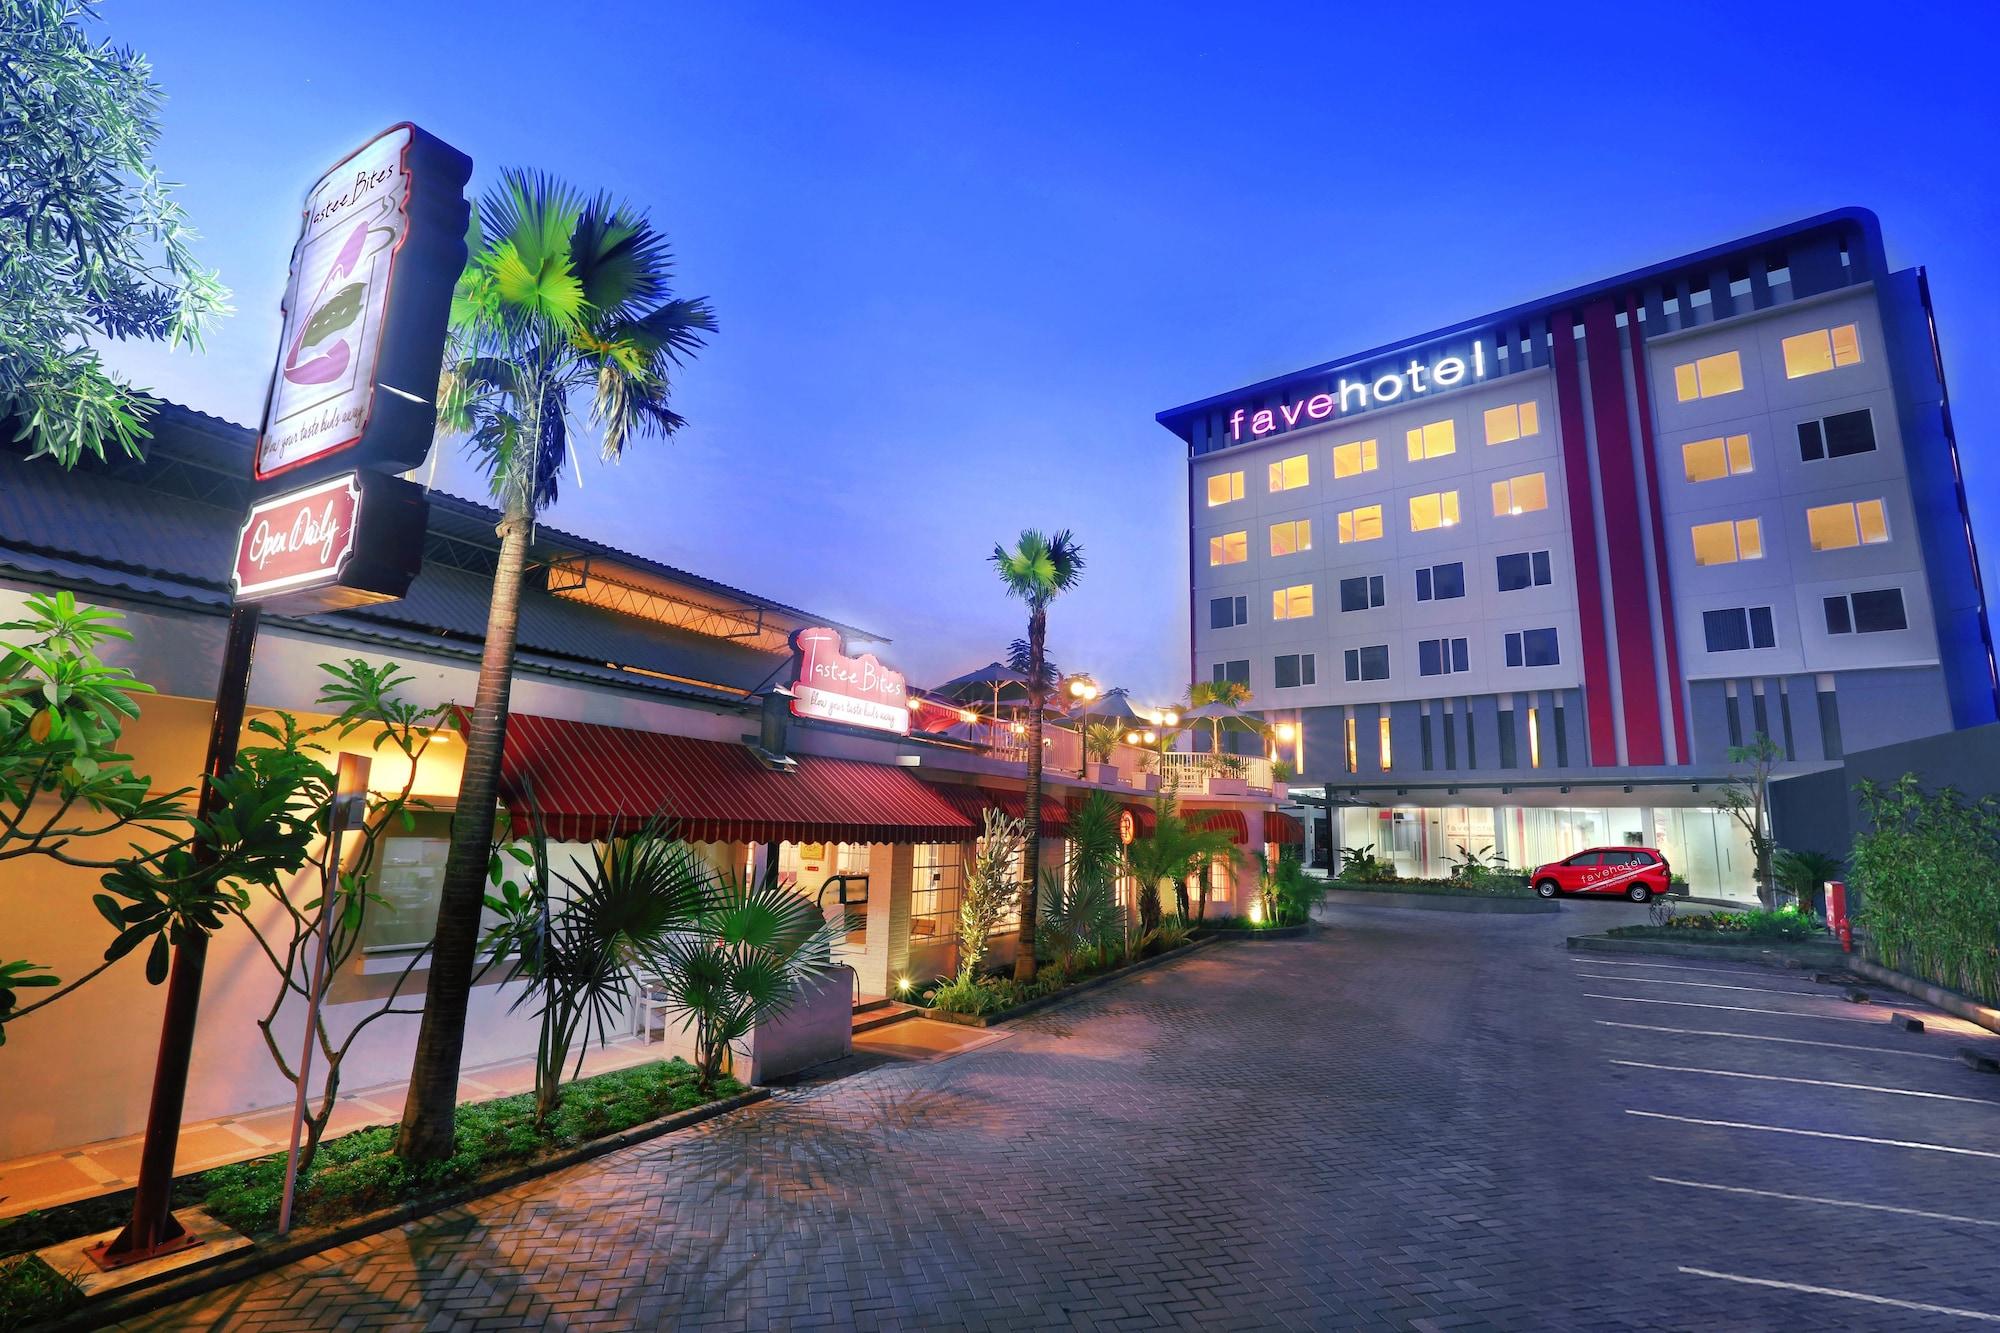 favehotel Sudirman Bojonegoro, Bojonegoro